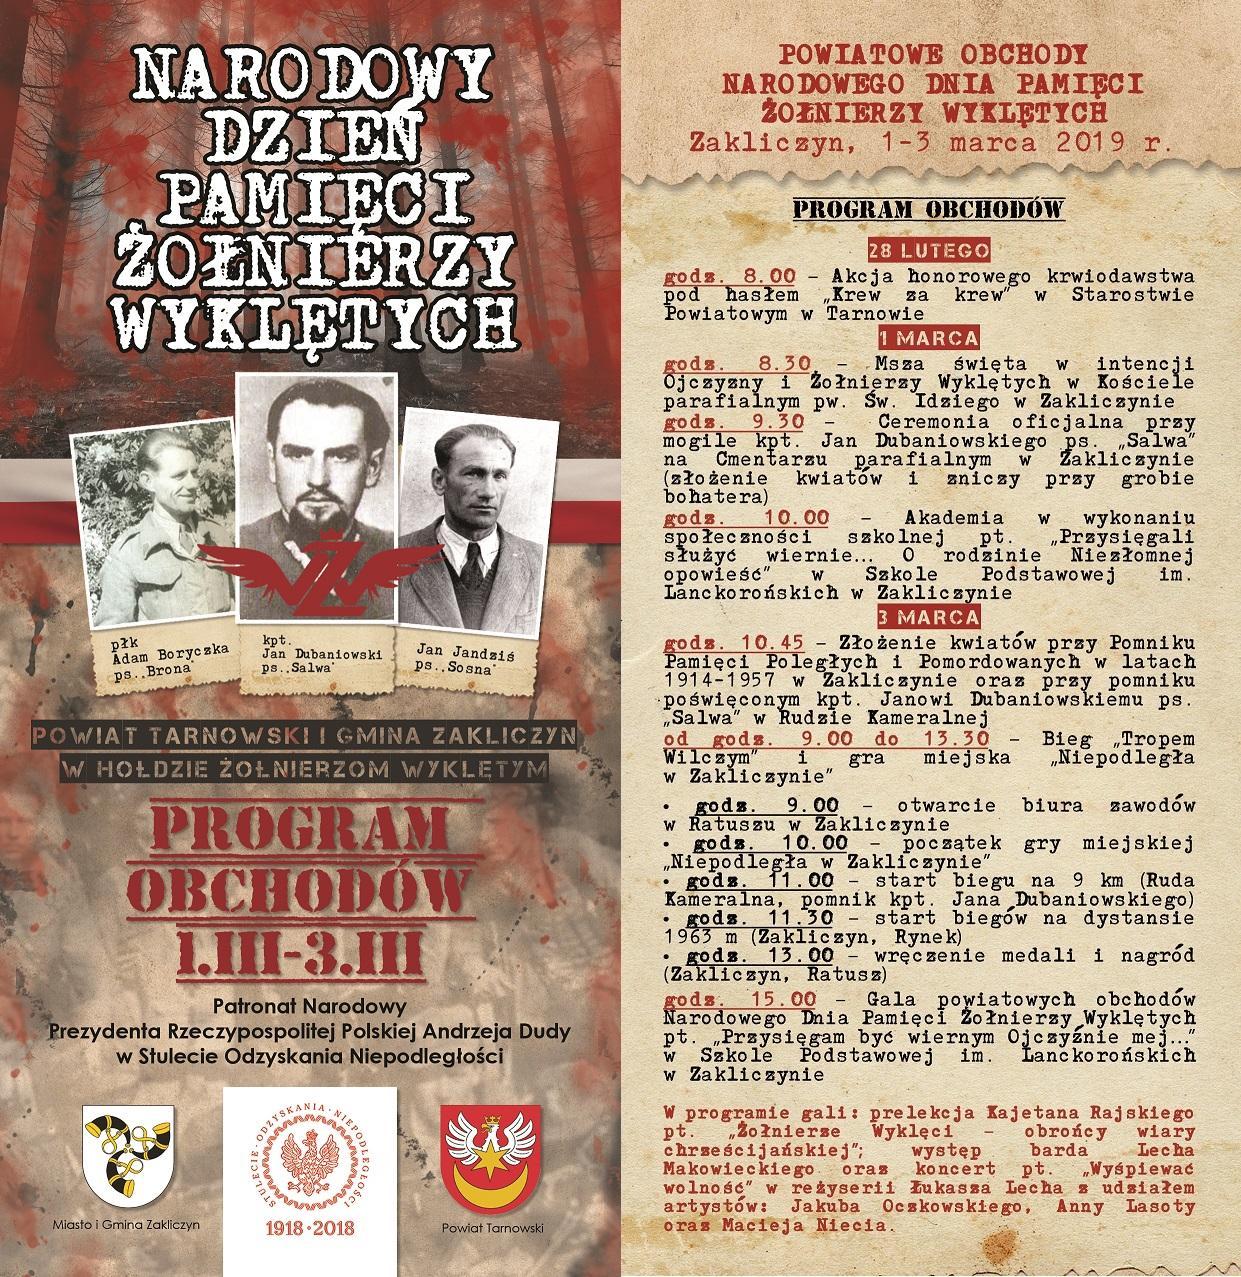 Narodowy Dzień Pamięci Żołnierzy Wyklętych, program obchodów, 1-3 marca 2019 r.